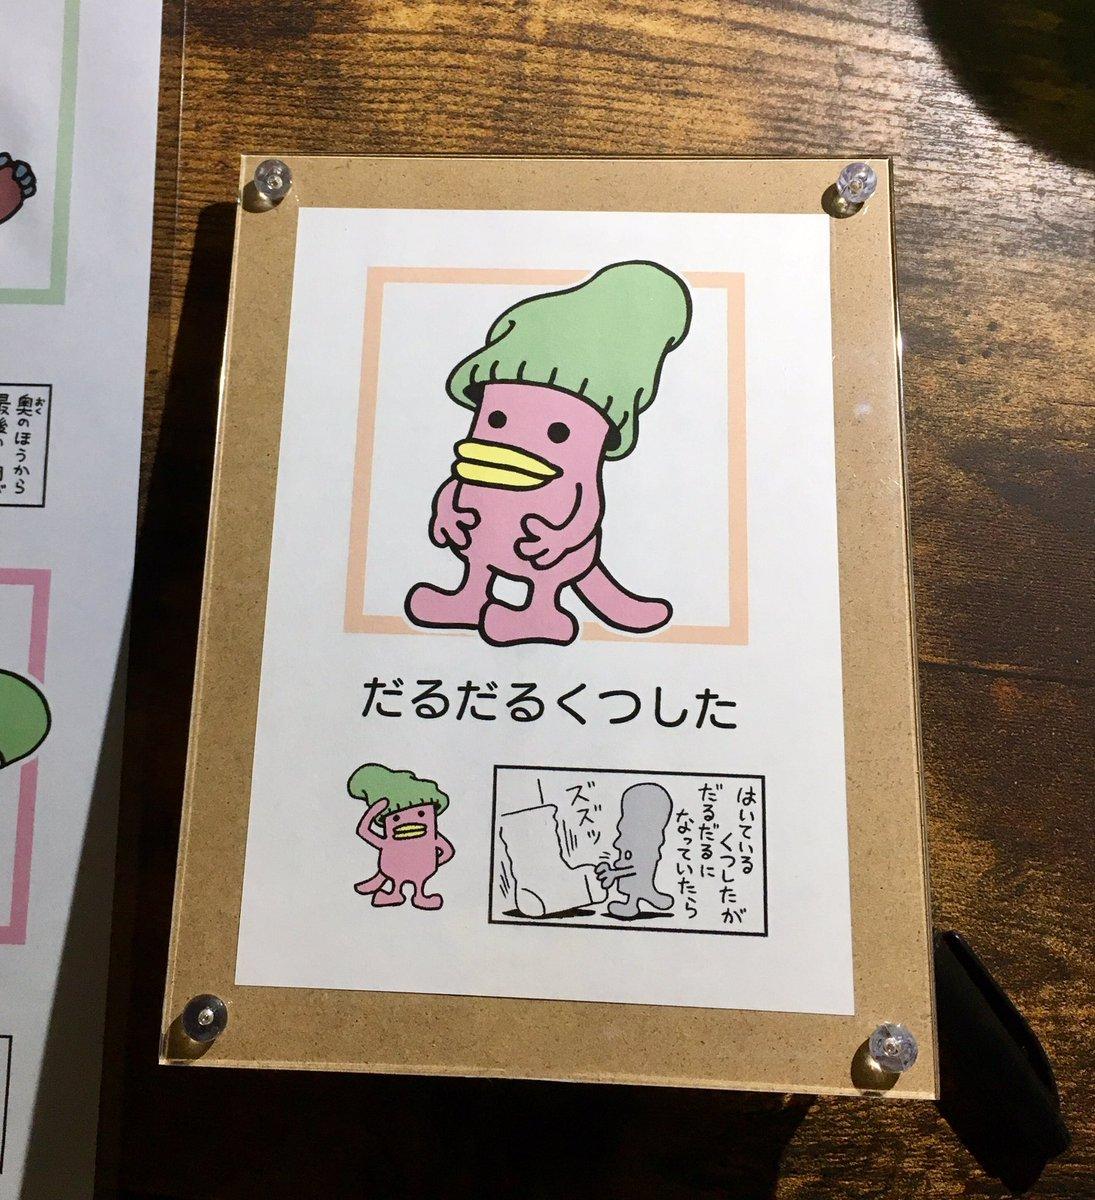 明日10月16日の「KAB 元気フェスタ(2日目)」では、「くつだる。」に登場する妖怪「だるだるくつした」+「8匹の妖怪